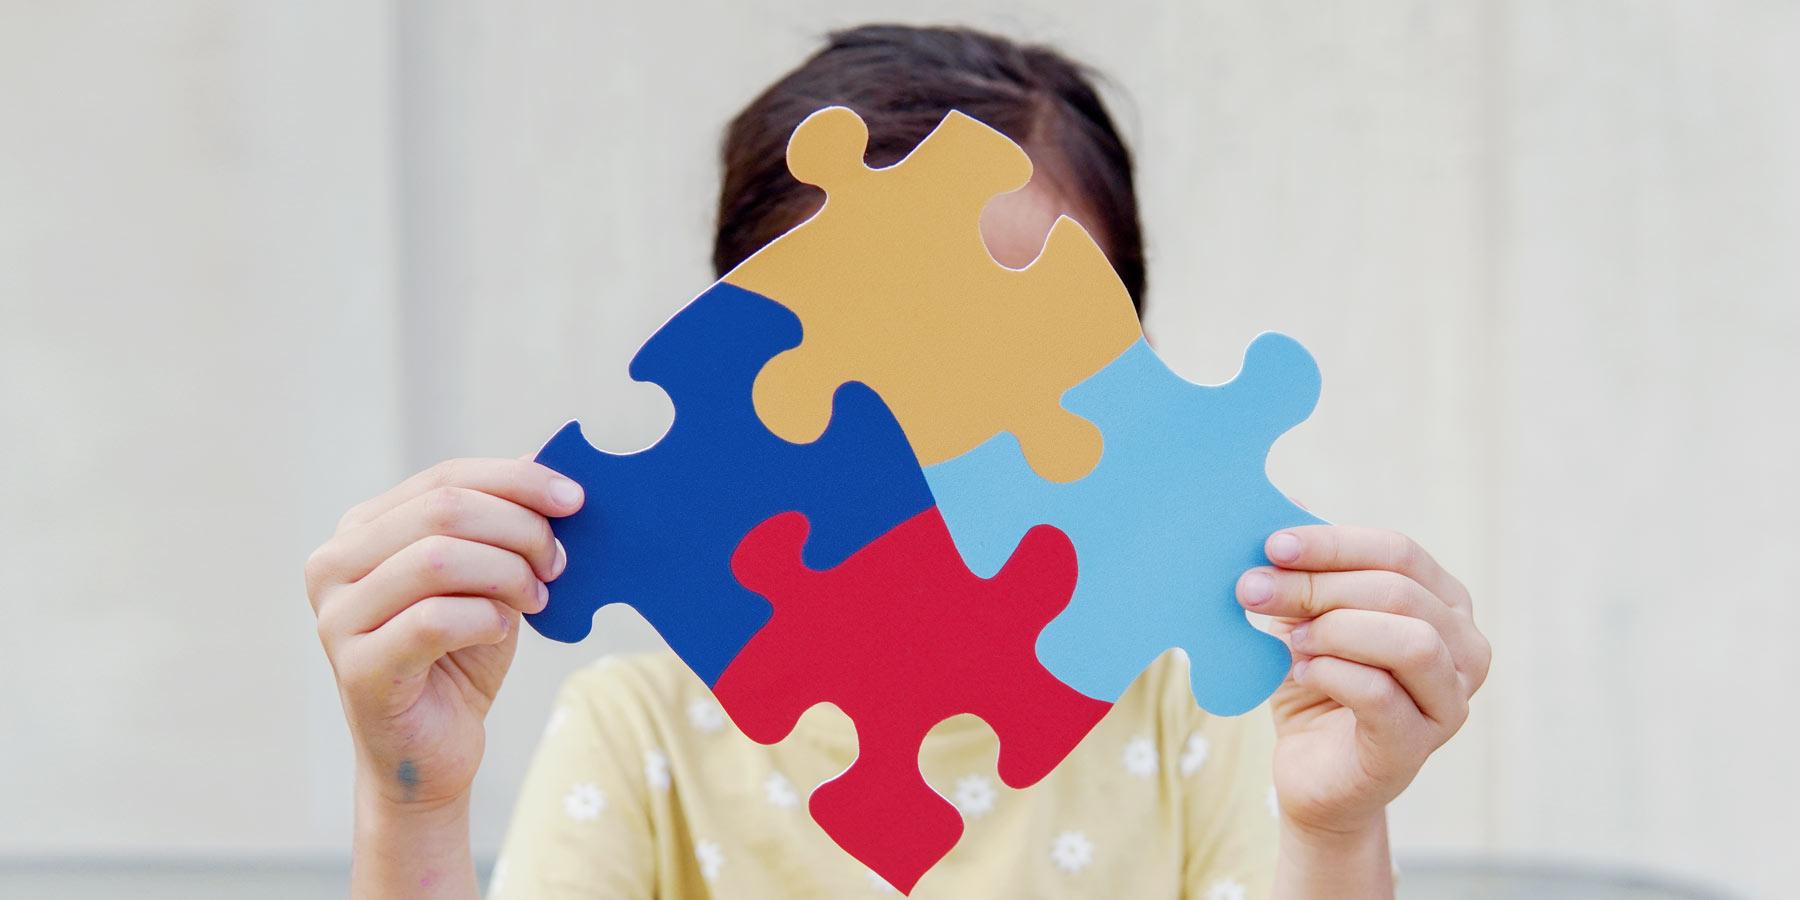 Disabilità intellettiva puzzle